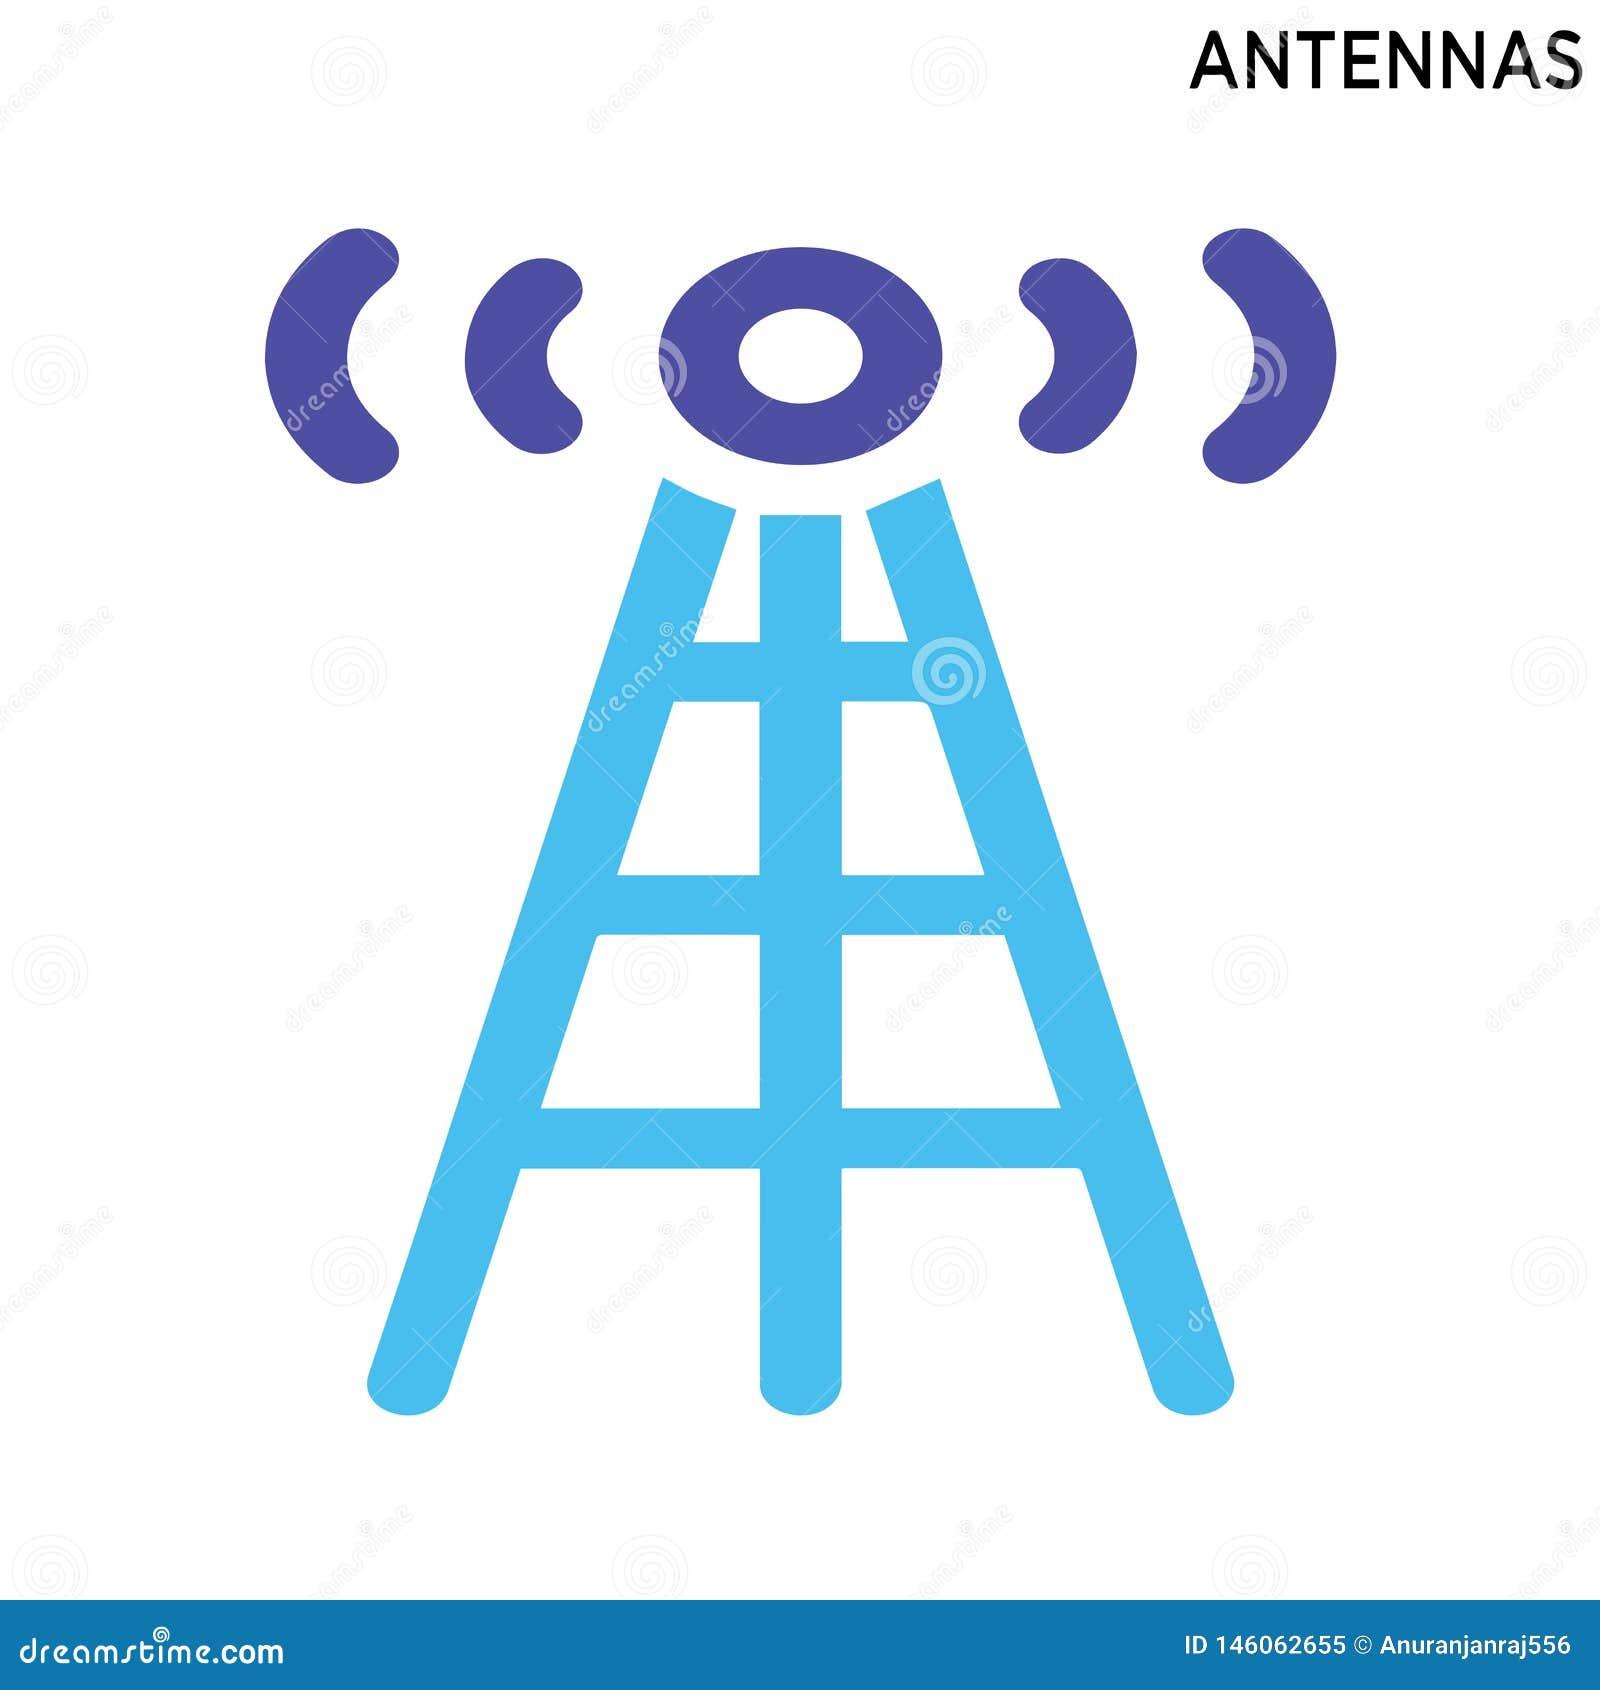 Projeto do símbolo do ícone das antenas isolado no fundo branco